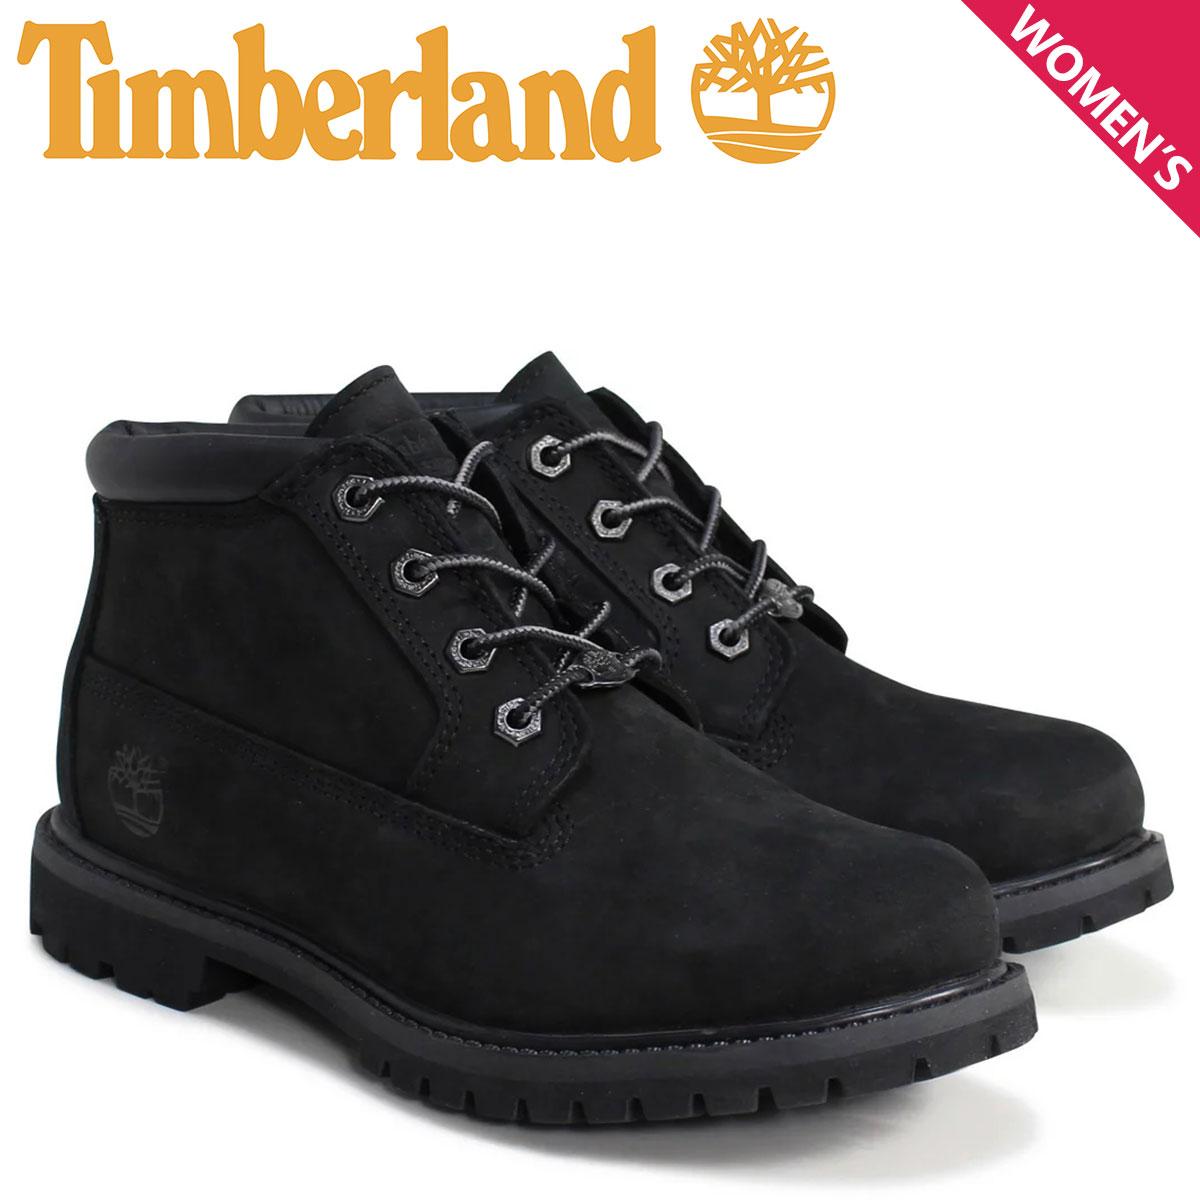 10952ce8291 Timberland WOMEN'S NELLIE WATERPROOF CHUKKA BOOTS チャッカレディースティンバーランドブーツ  23,398W Wise waterproofing black [187]